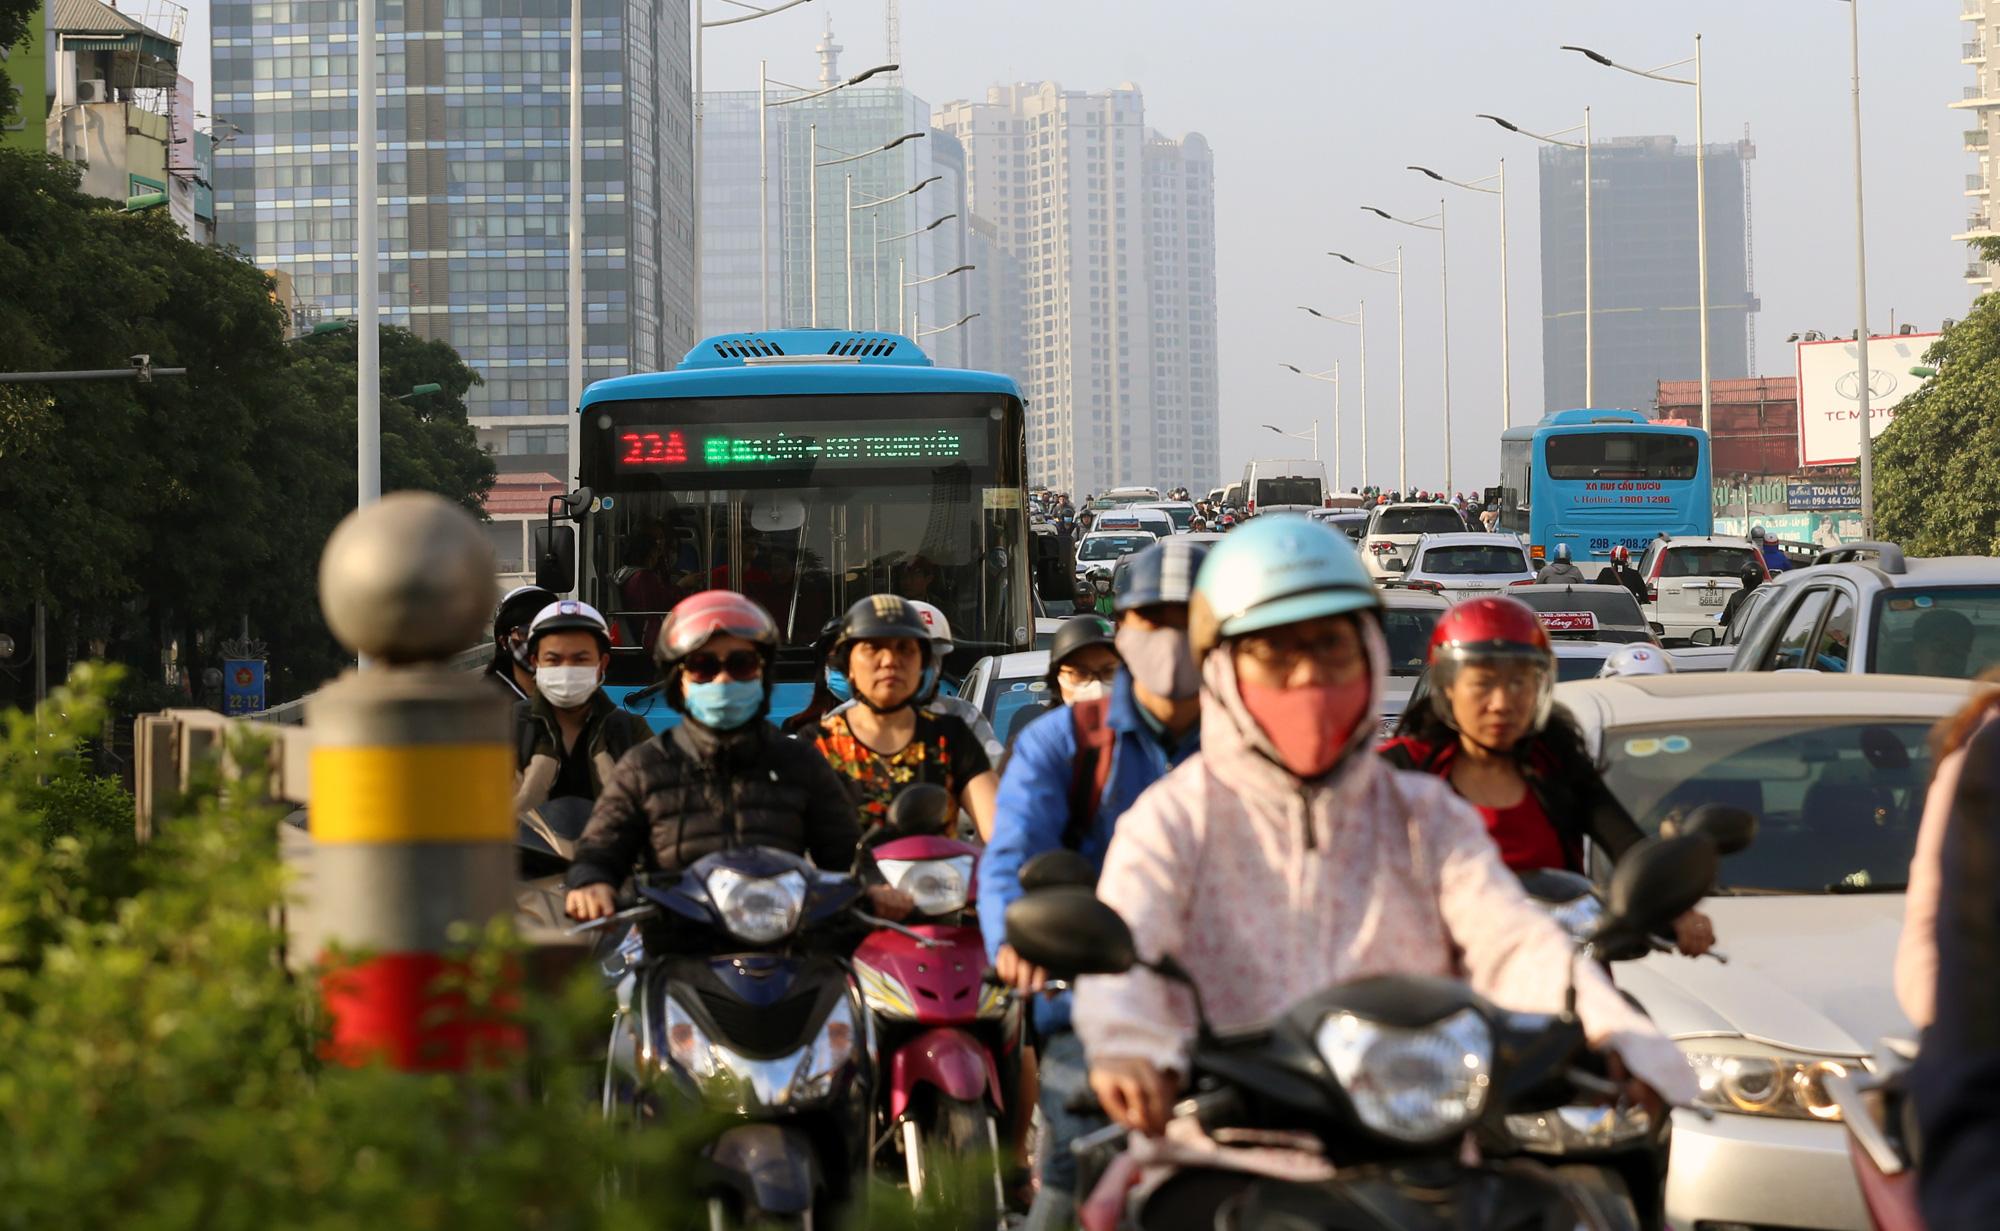 Hạn chế xe cá nhân chống ùn tắc và ô nhiễm không khí ở Hà Nội: Còn chờ xe buýt, tàu điện? - Ảnh 4.